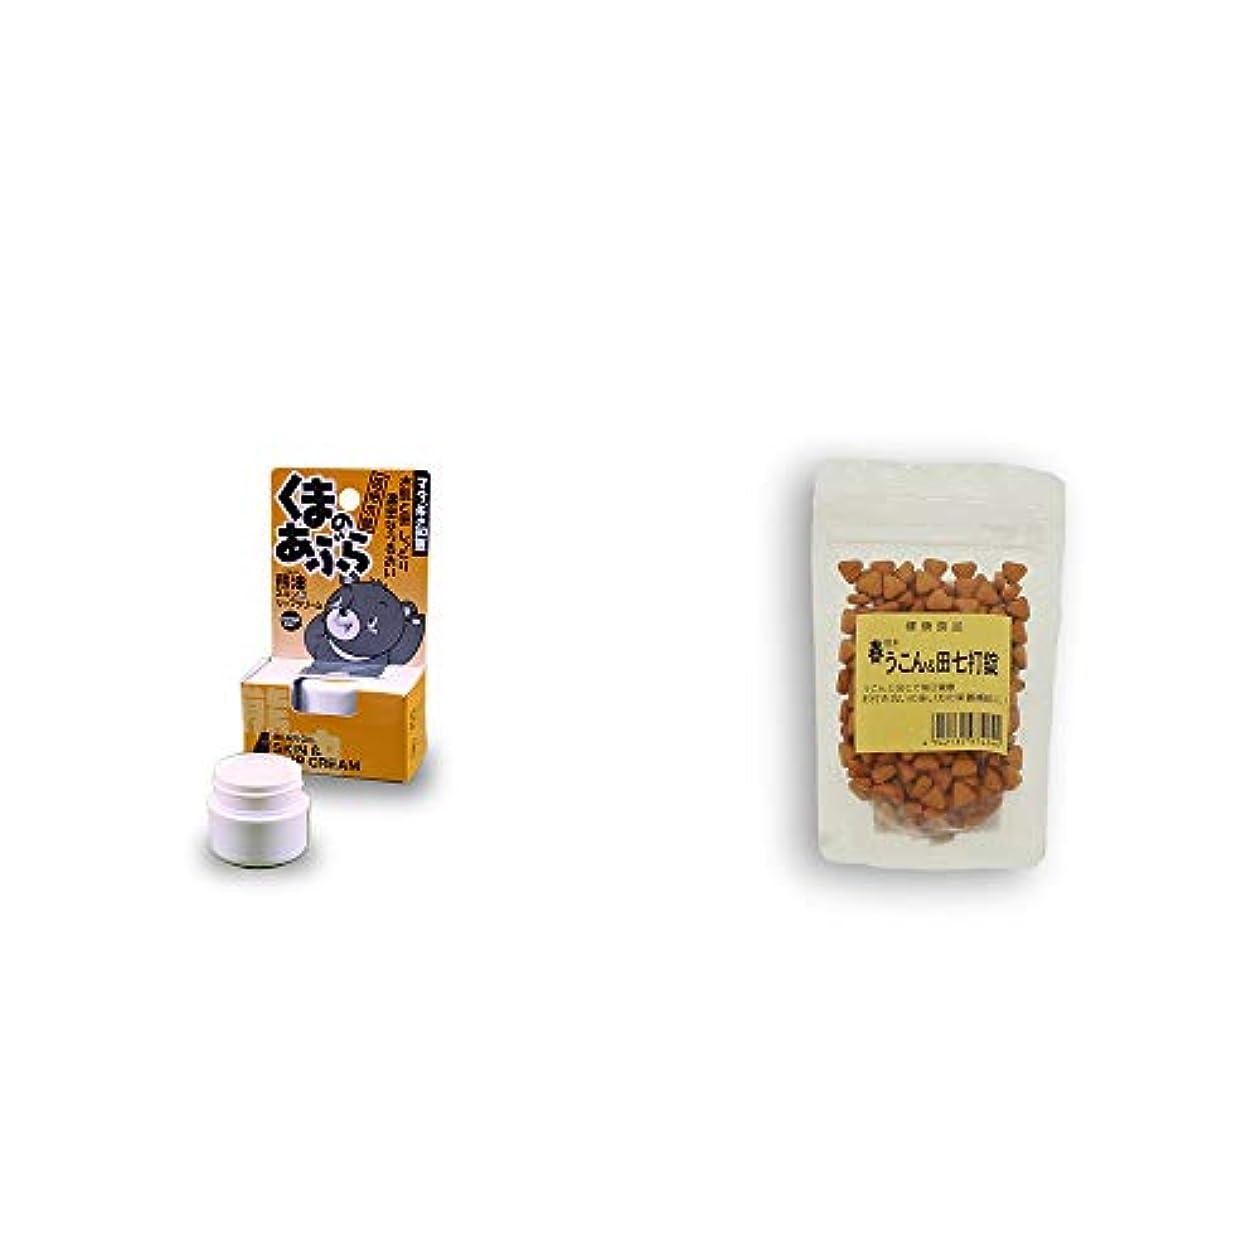 夢バンドトラクター[2点セット] 信州木曽 くまのあぶら 熊油スキン&リップクリーム(9g)?春咲き うこん&田七打錠(70g(250mg×280粒))